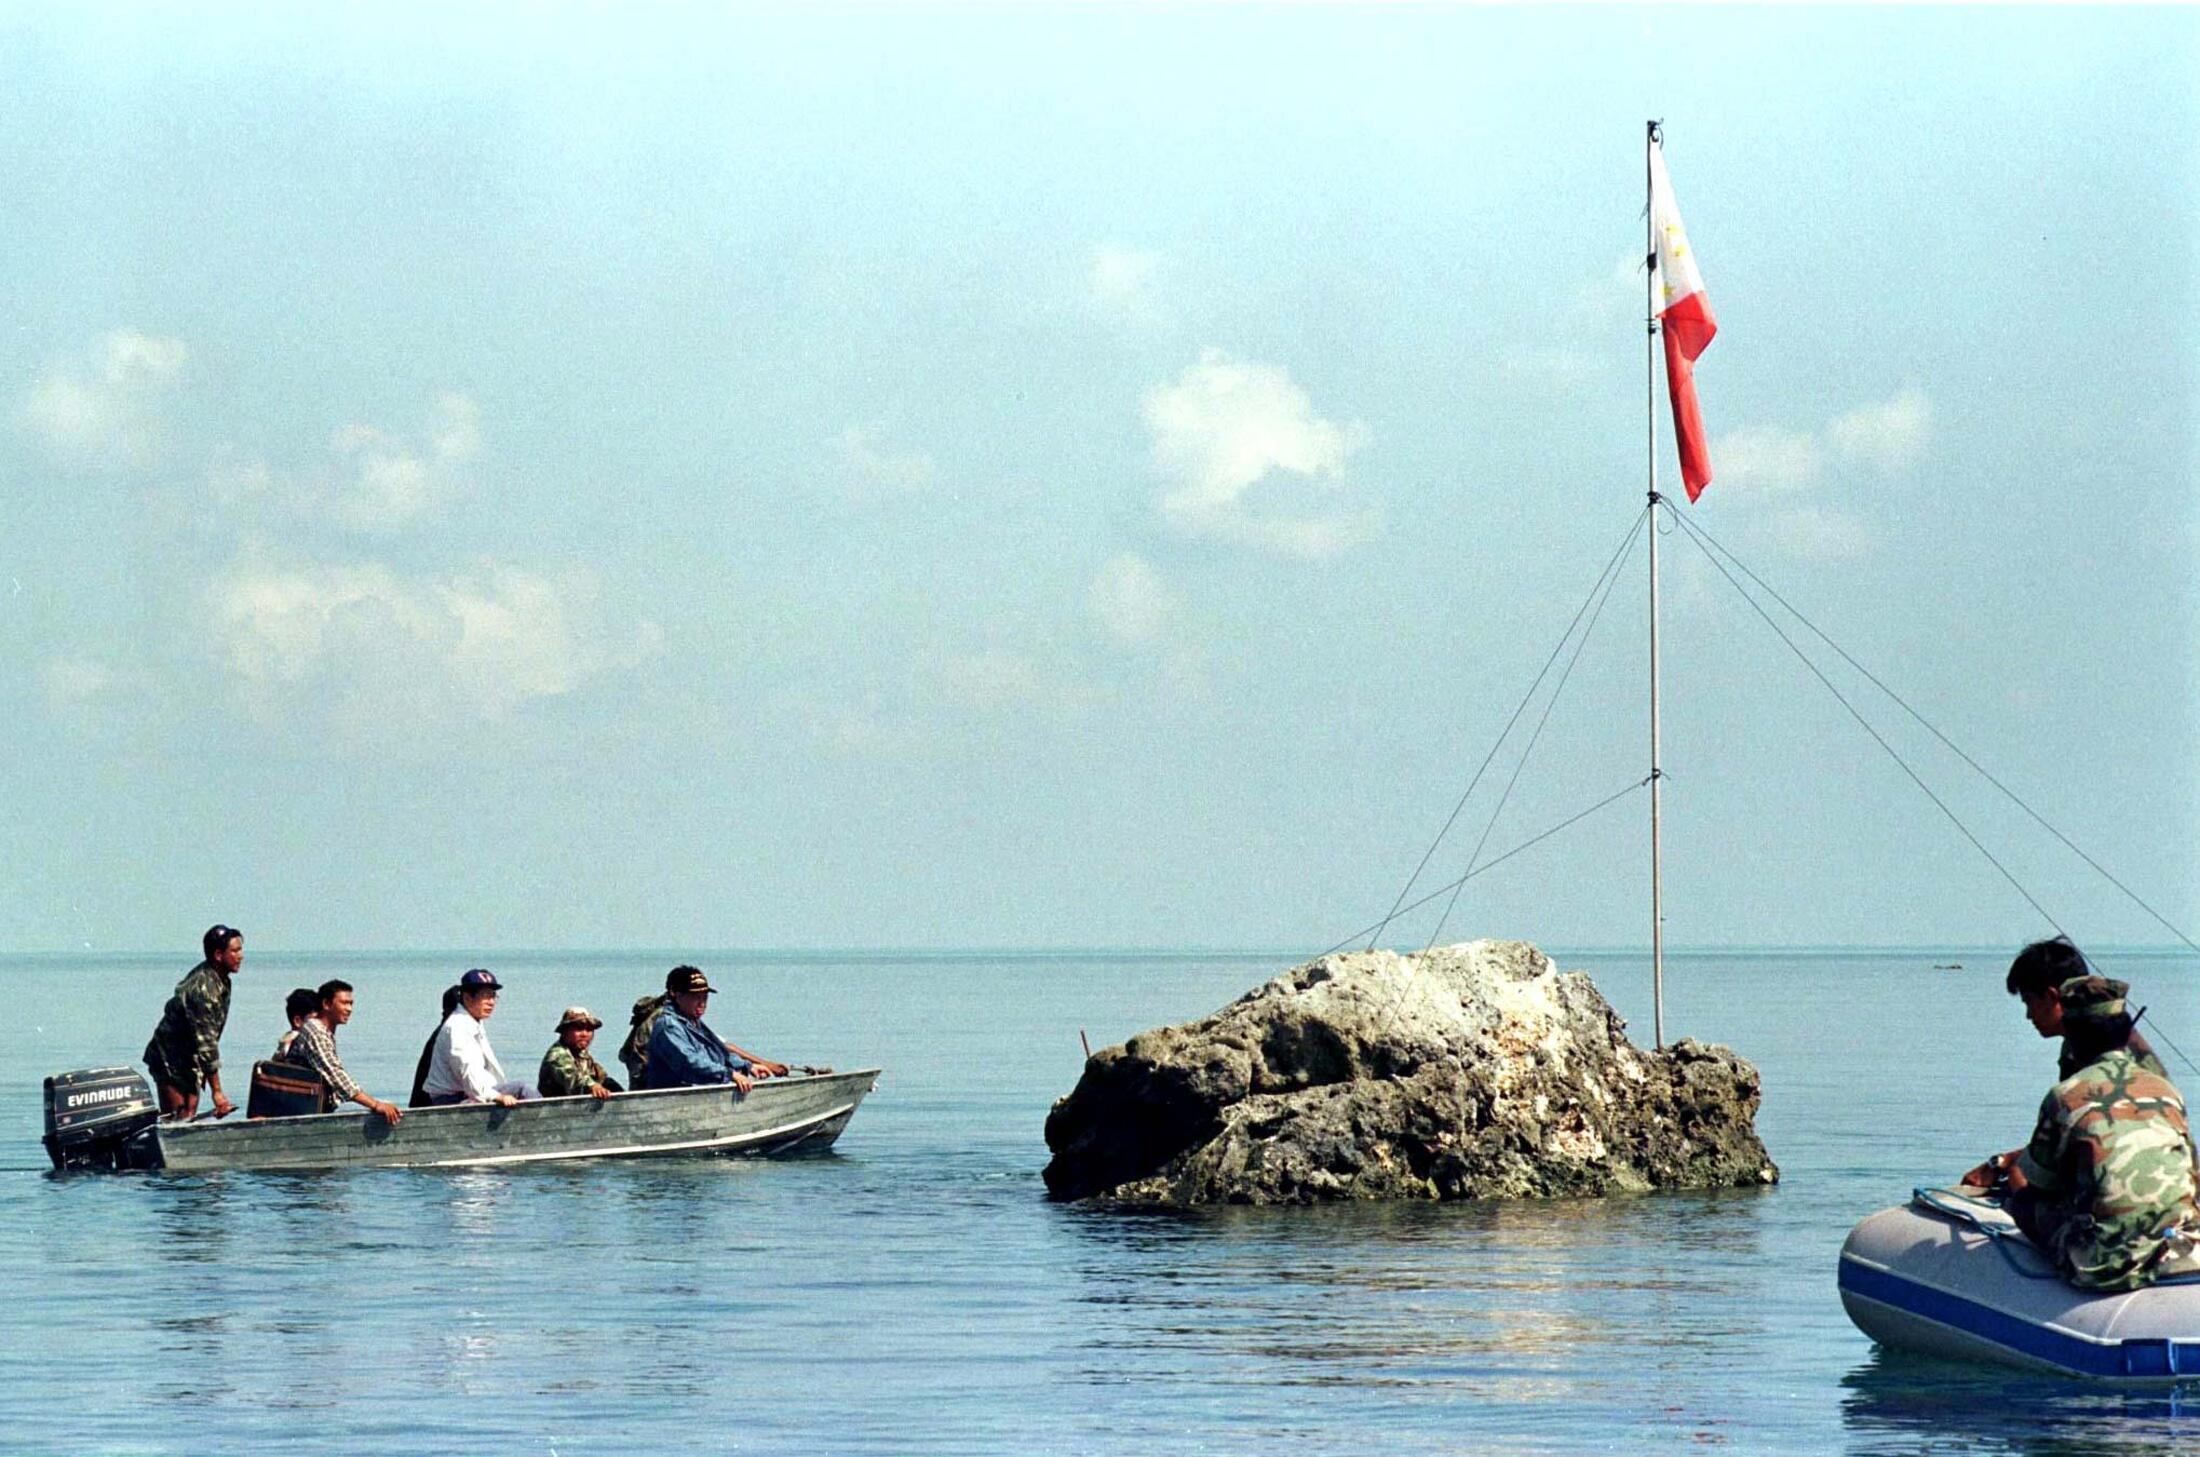 Bãi đá ngầm Scarborough, nơi tranh chấp chủ quyền giữa Philippines va Trung Quốc. Trong ảnh, các nghị sĩ Philippines ra thăm bãi đá ngầm, ảnh chụp ngày 17/05/1997.